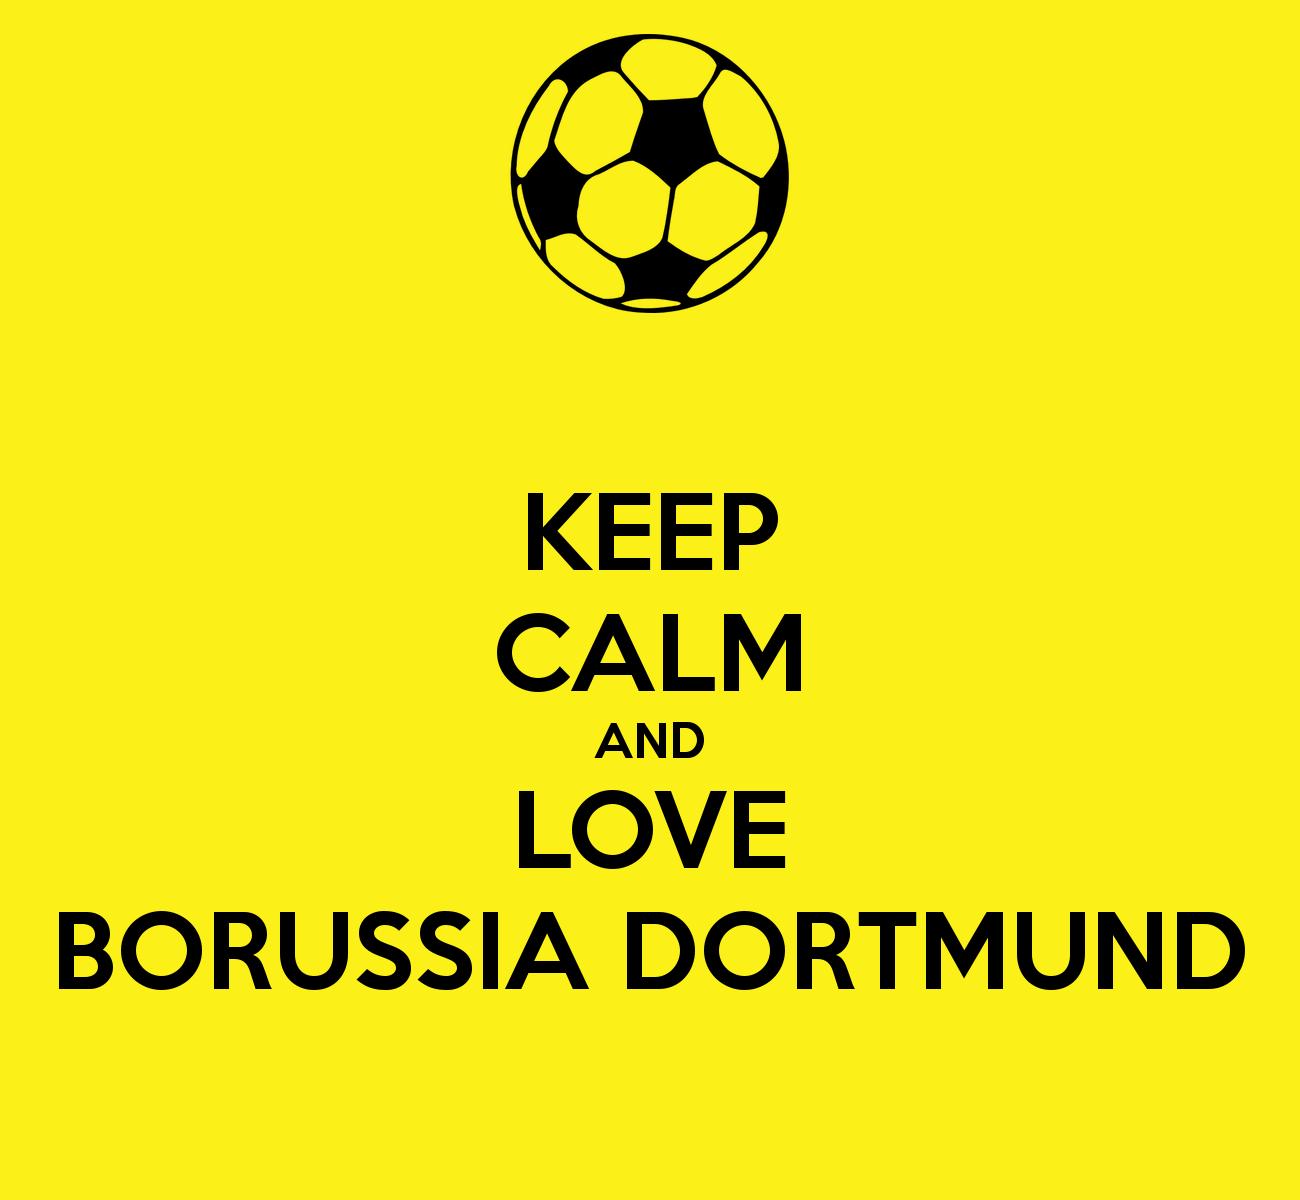 Echt Liebe Gibt S Auch Im Bvb Fan Shop In Der Thier Galerie Dortmund Schaut Mal Vorbei Thiergalerie Dortmund Borussia Dortmund Dortmund Keep Calm And Love